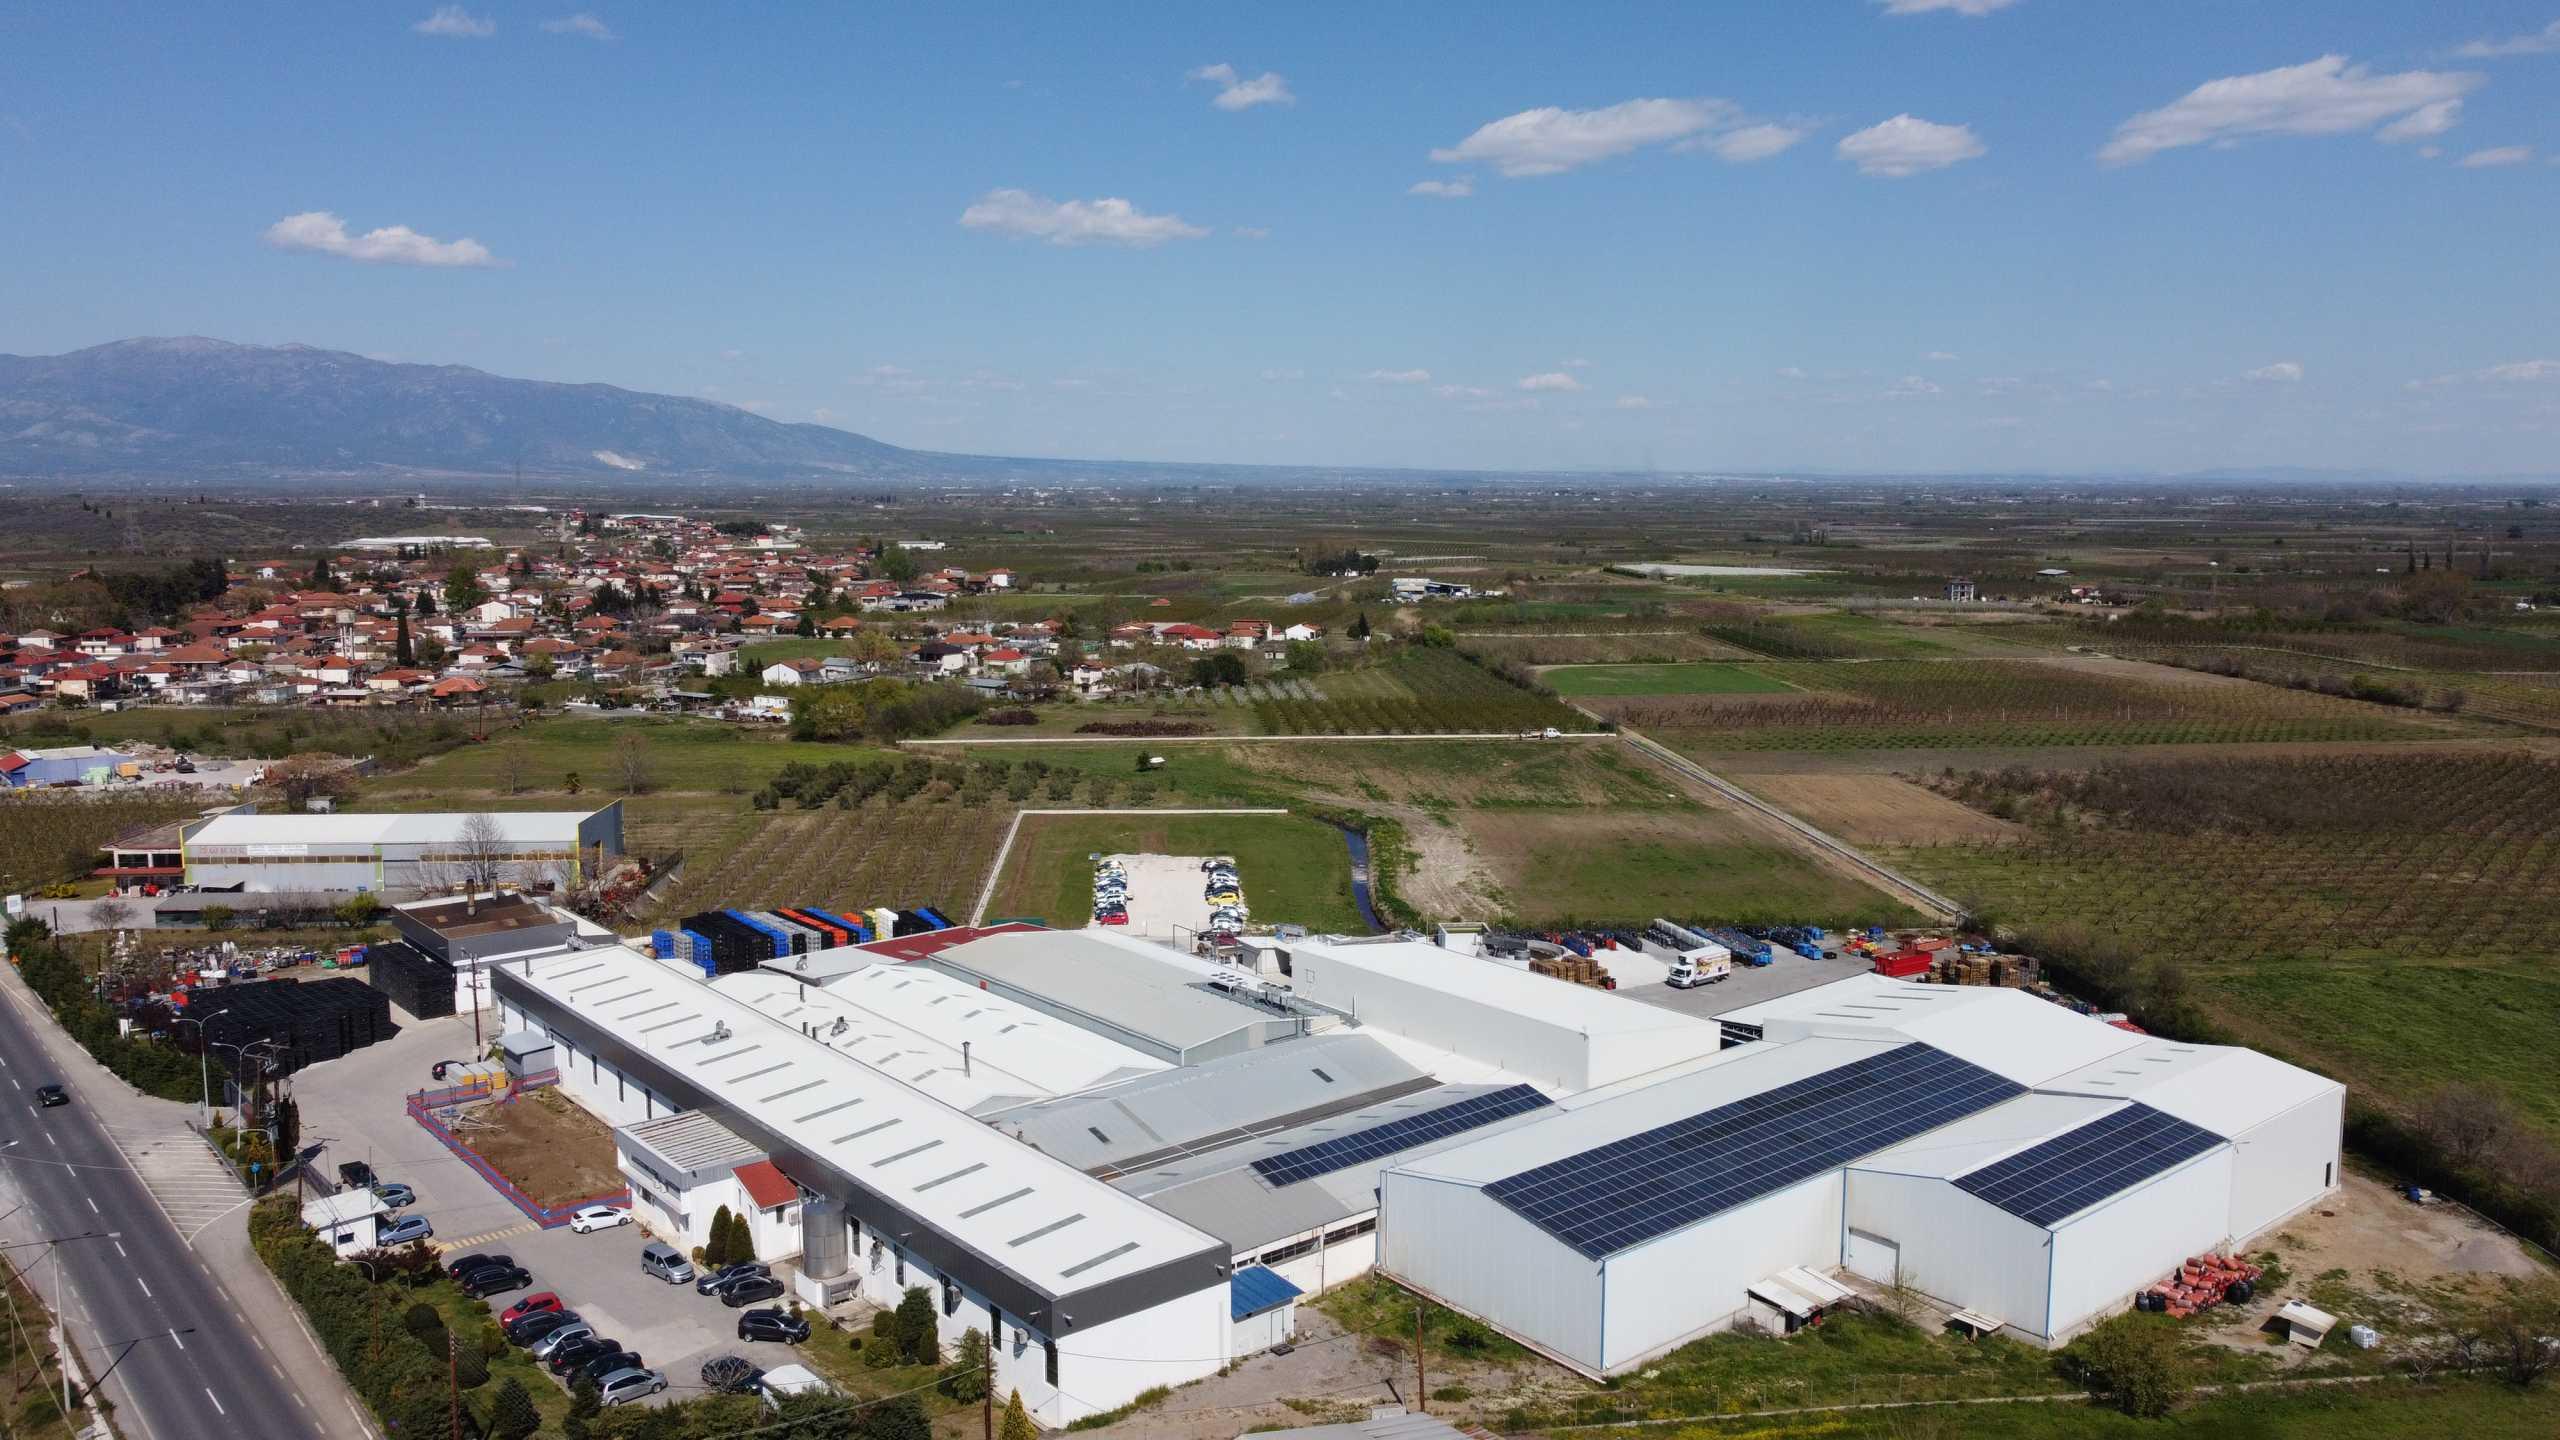 Χαλβατζής Μακεδονική: Νέα επένδυση για επέκταση της παραγωγής αγροτικών και παραδοσιακών προϊόντων